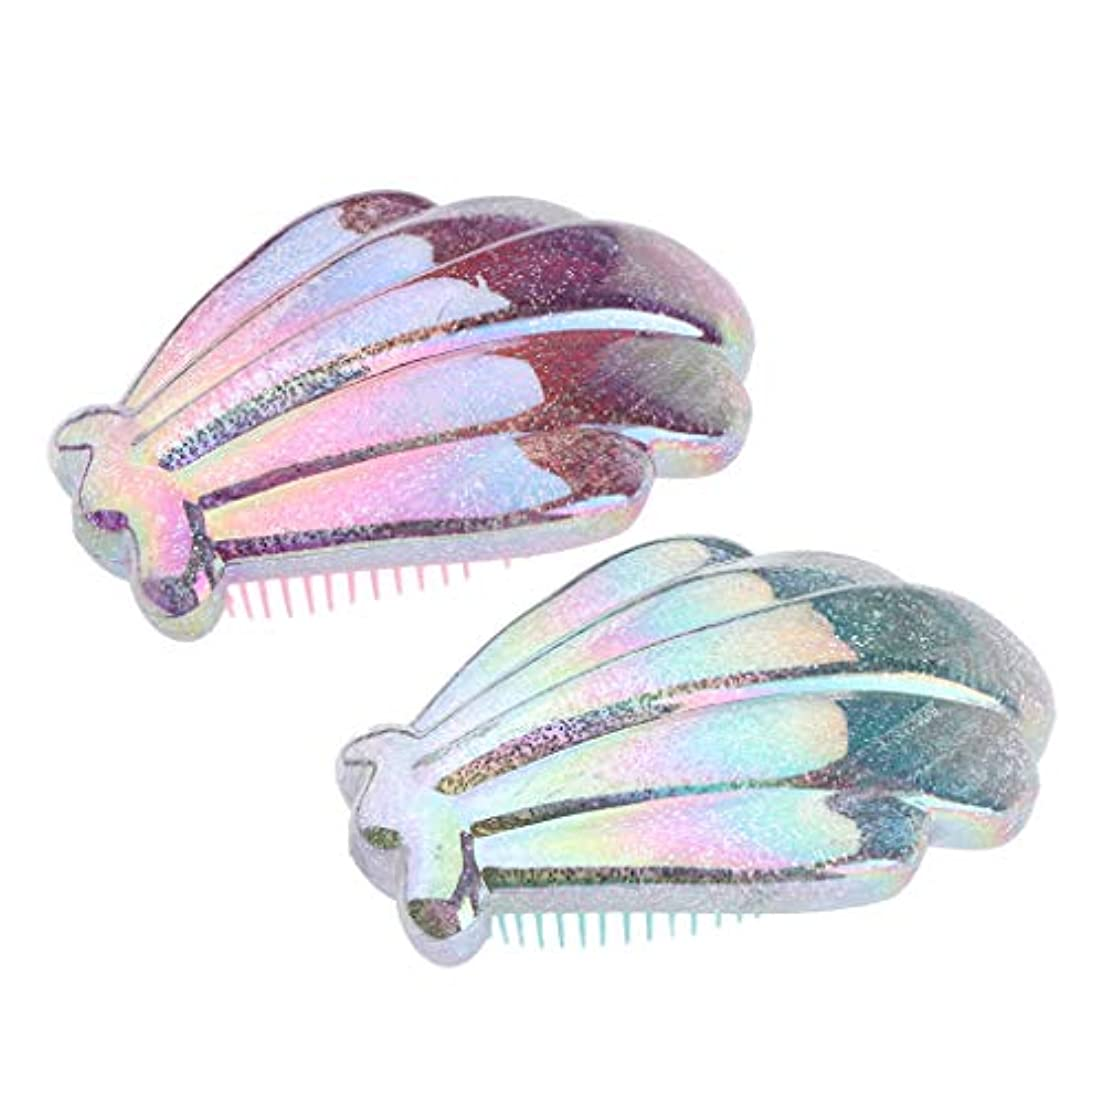 買収省導体2個入 ヘアブラシ クッションブラシ コーム 櫛 ヘアケア 髪 美髪ケア 静電気防止 頭皮マッサージ